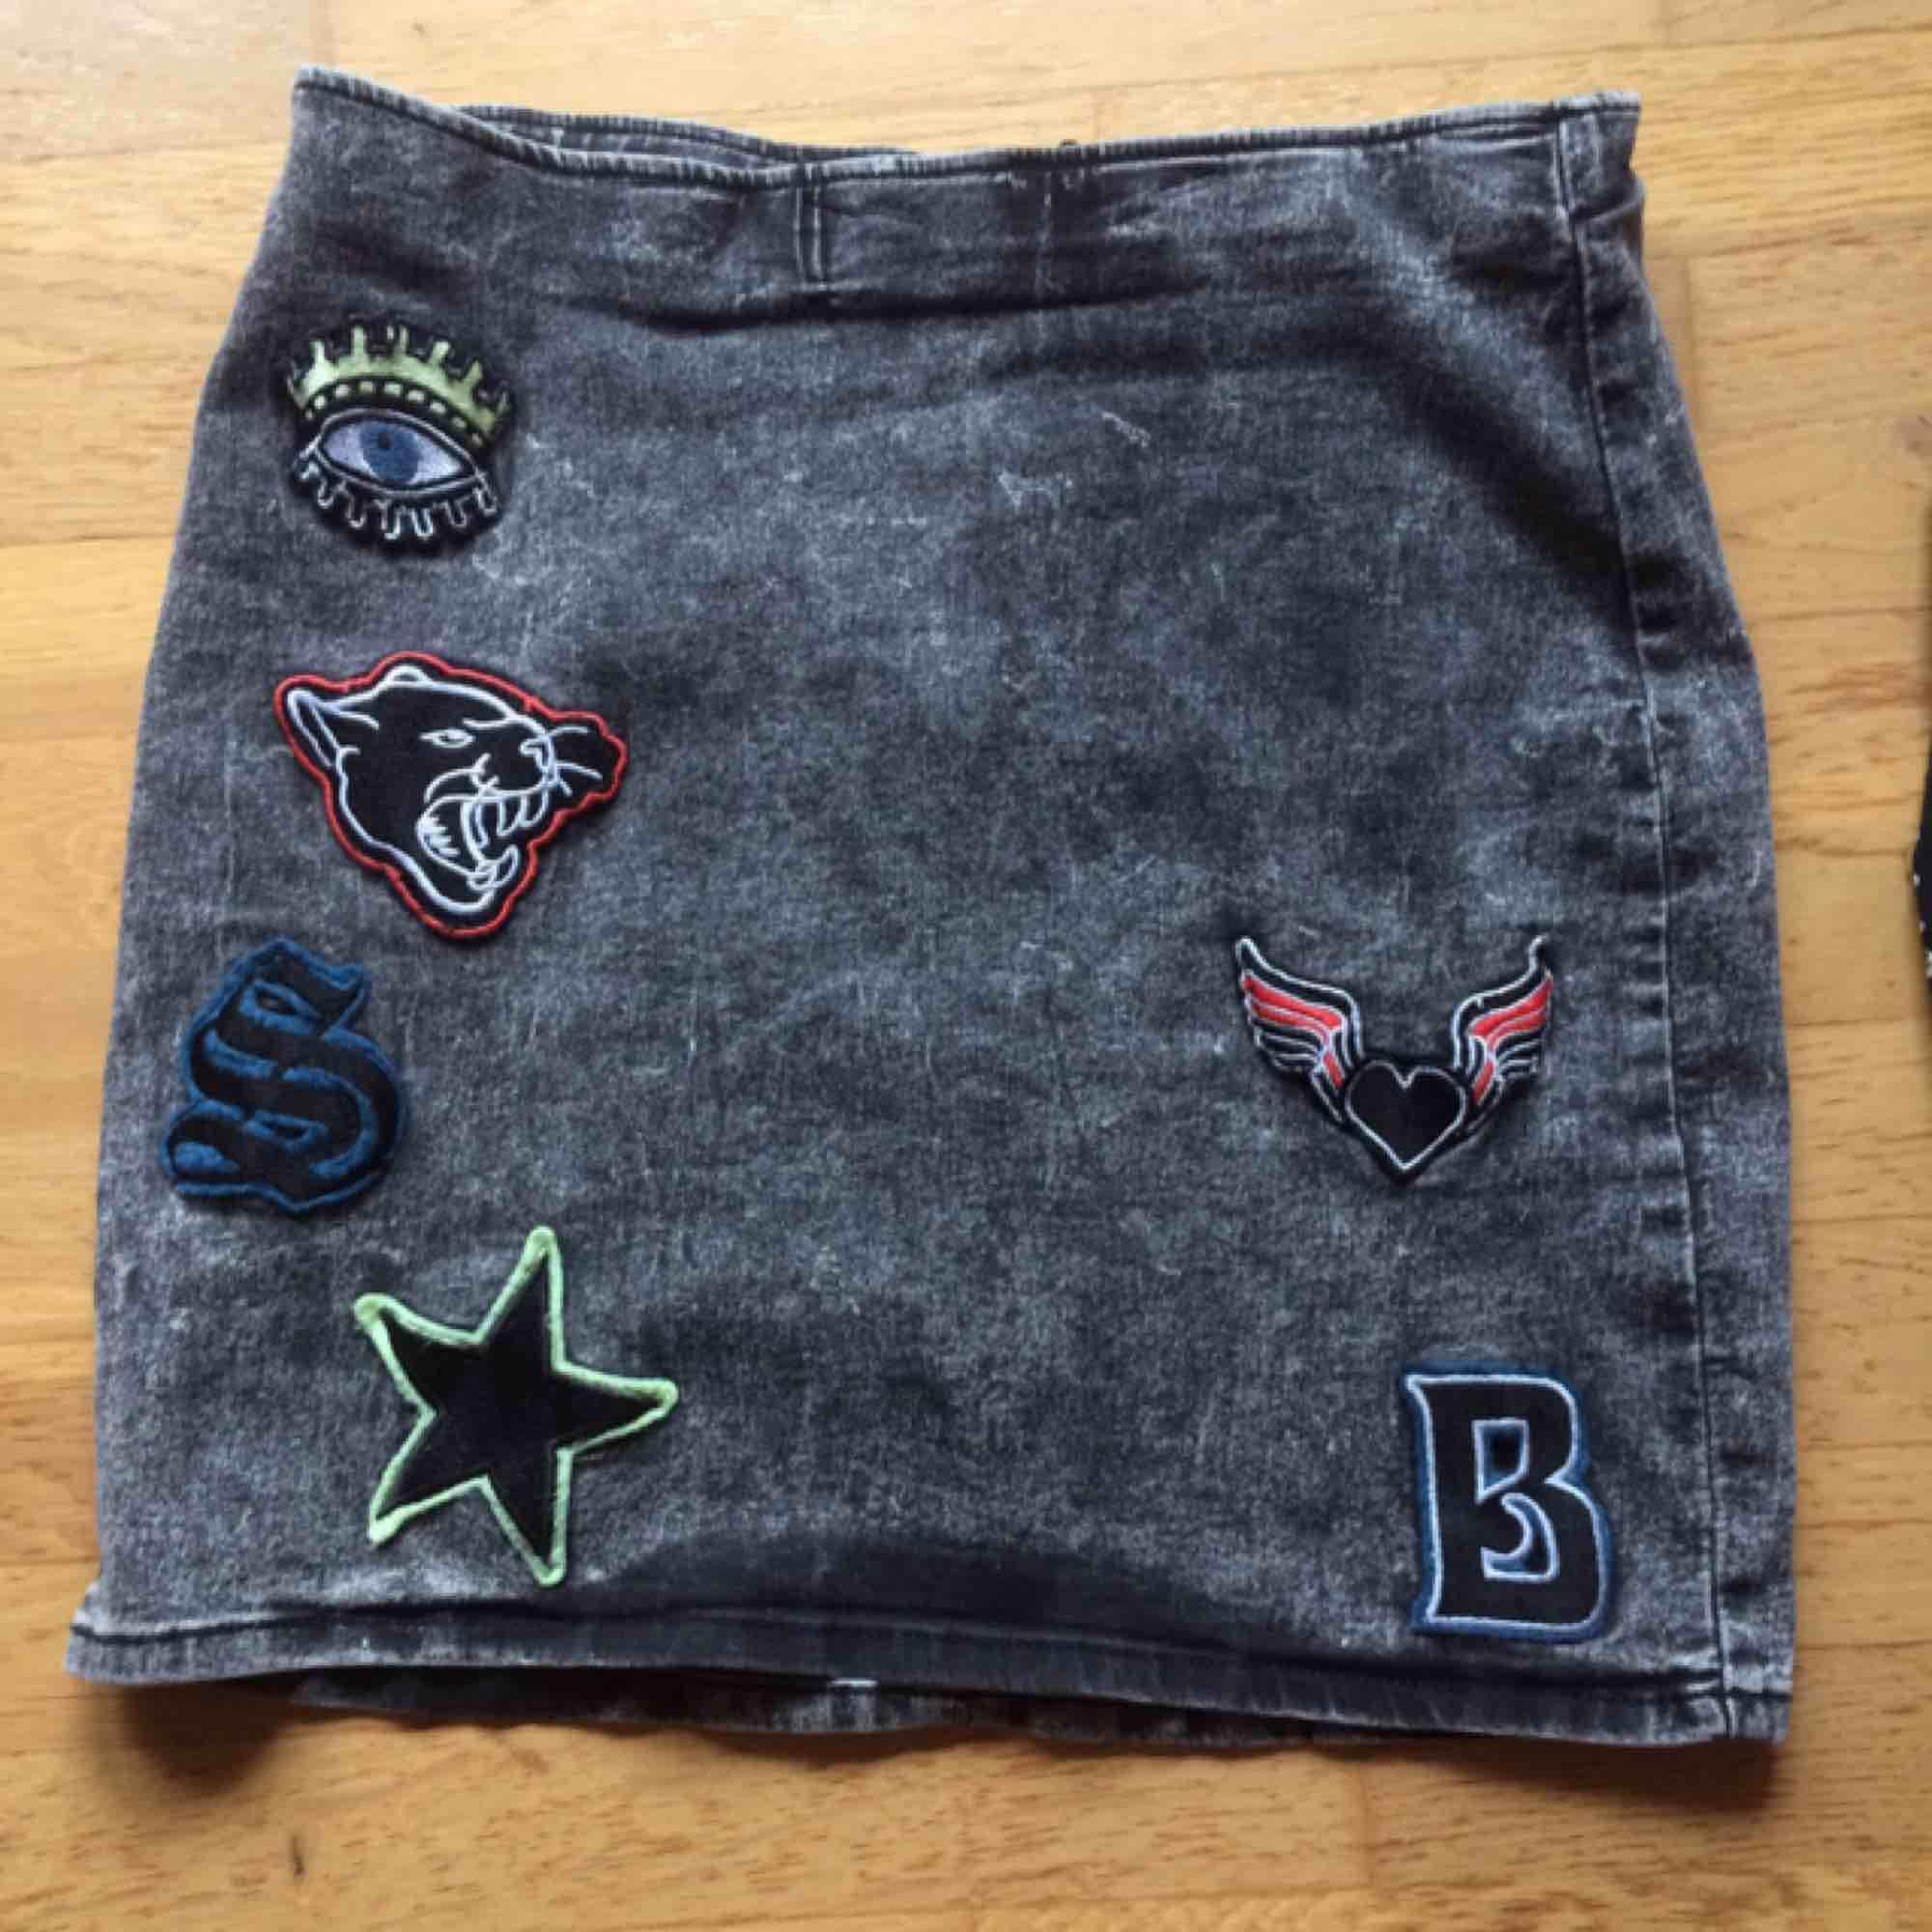 Oanvänd jeanskjol med patches i storlek 42. Frakt tillkommer med 42 kr i postens påse 🌸. Kjolar.